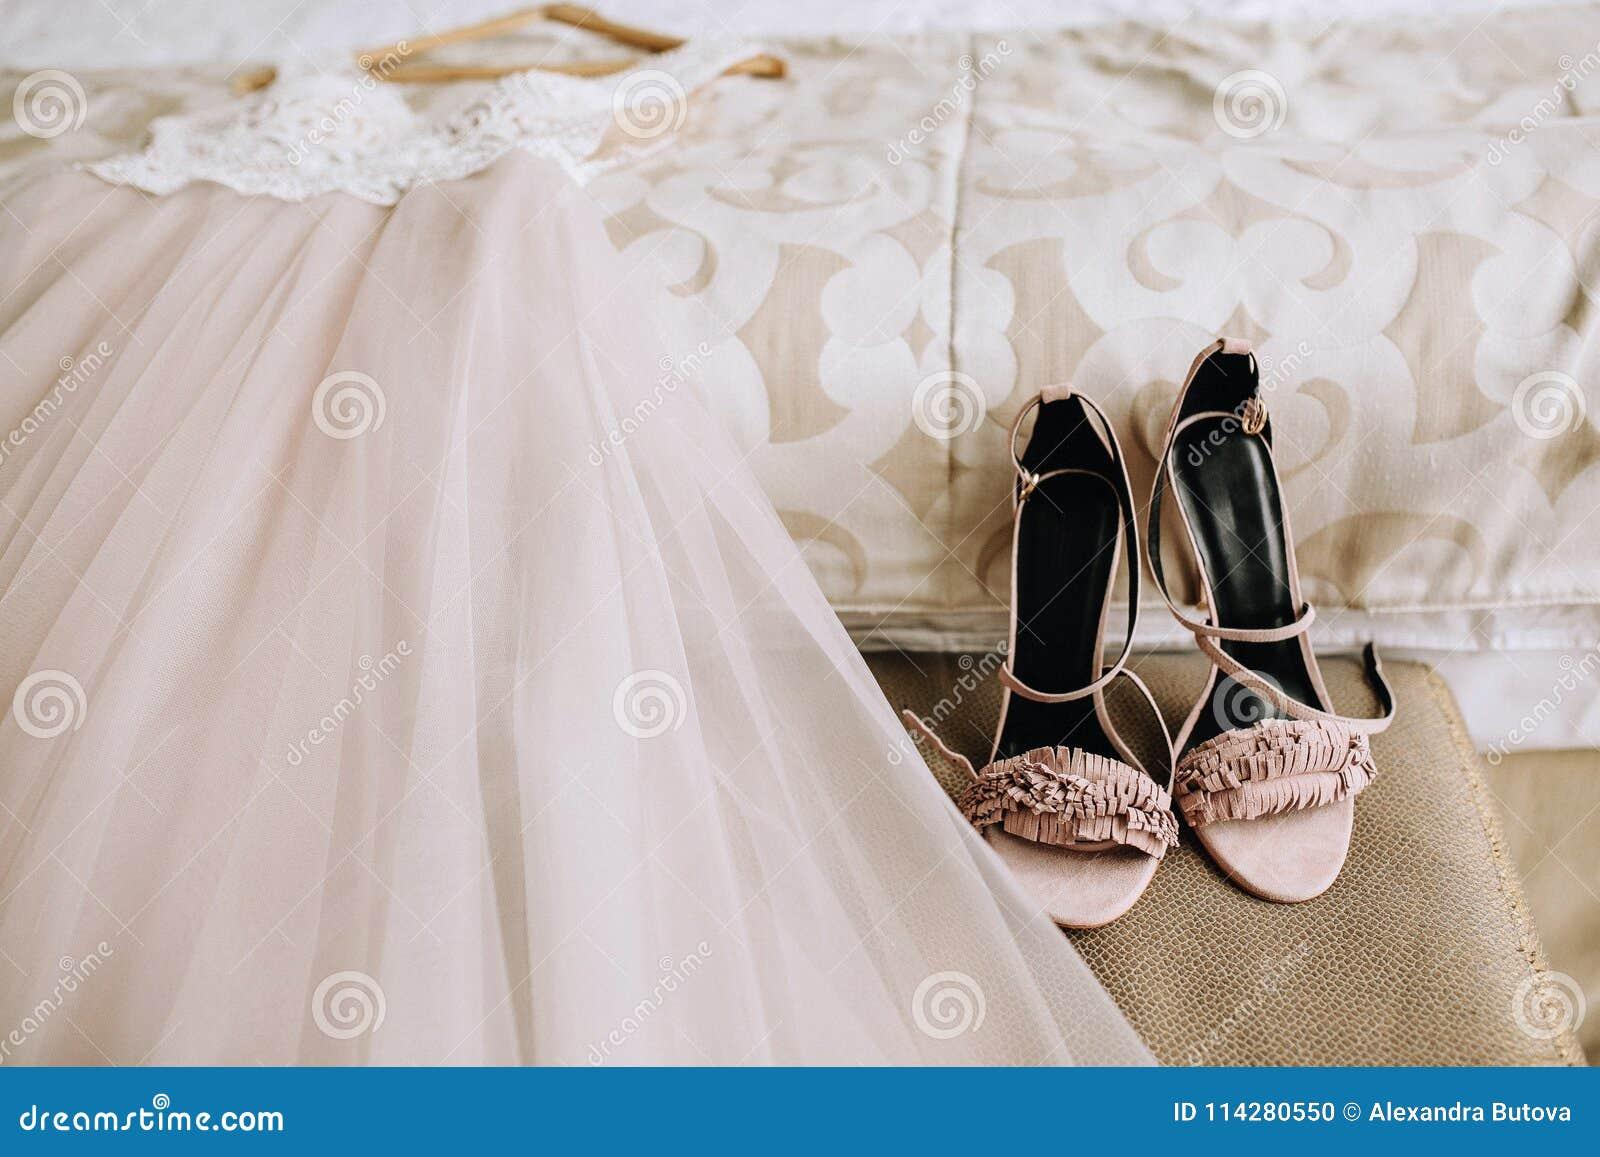 prevalente abbastanza economico sconto fino al 60% Le Scarpe Eleganti Rosa Della Sposa Accanto Ad Un Bello ...